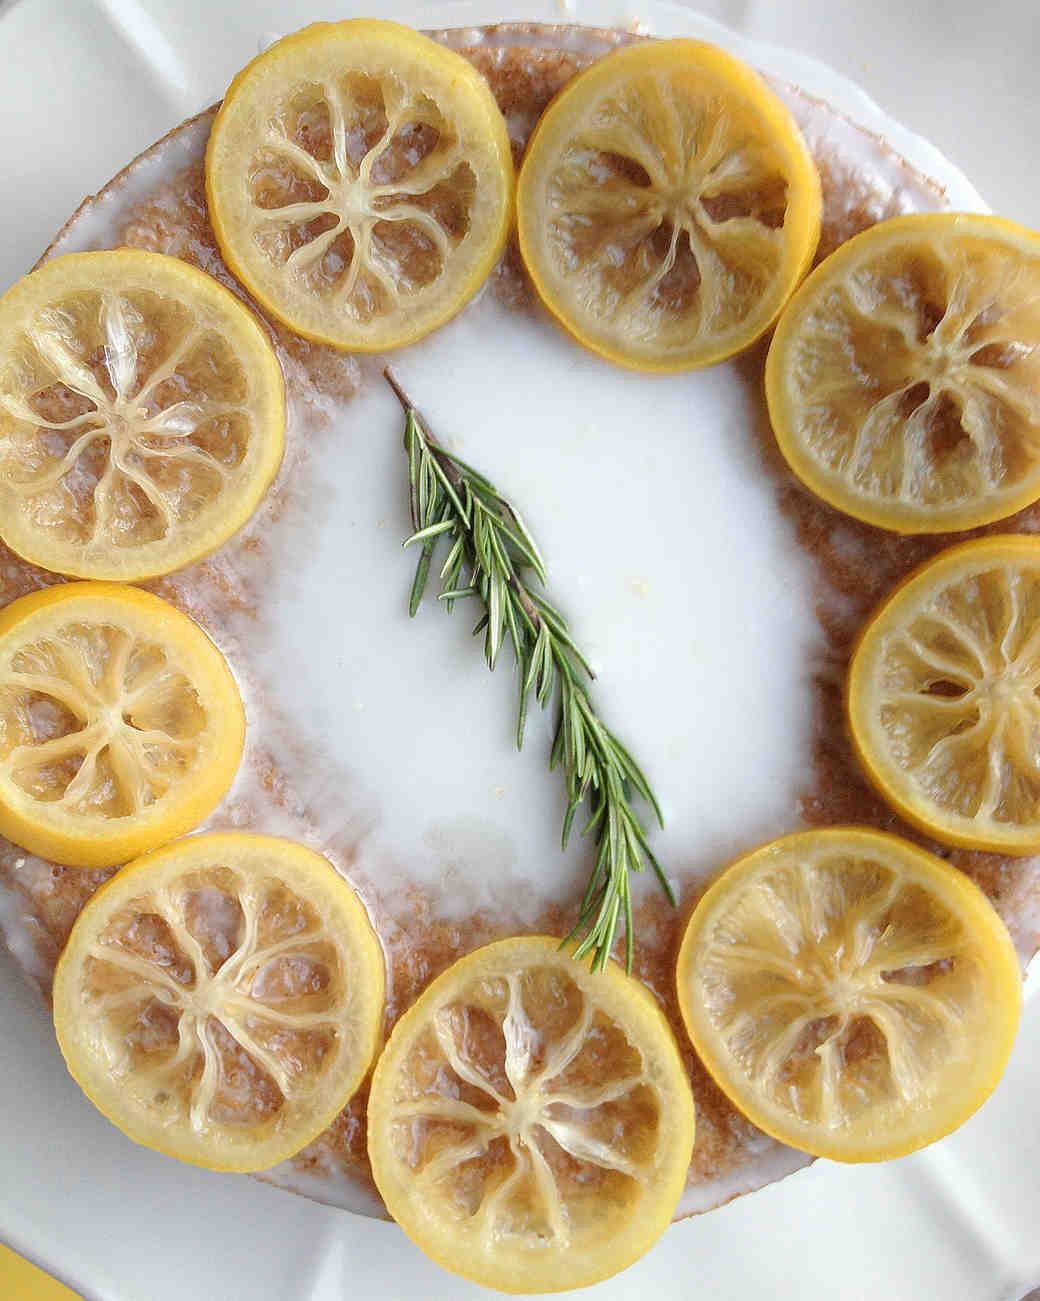 lemon-rosemary-olive-oil-cake-with-candied-lemons-1015.jpg